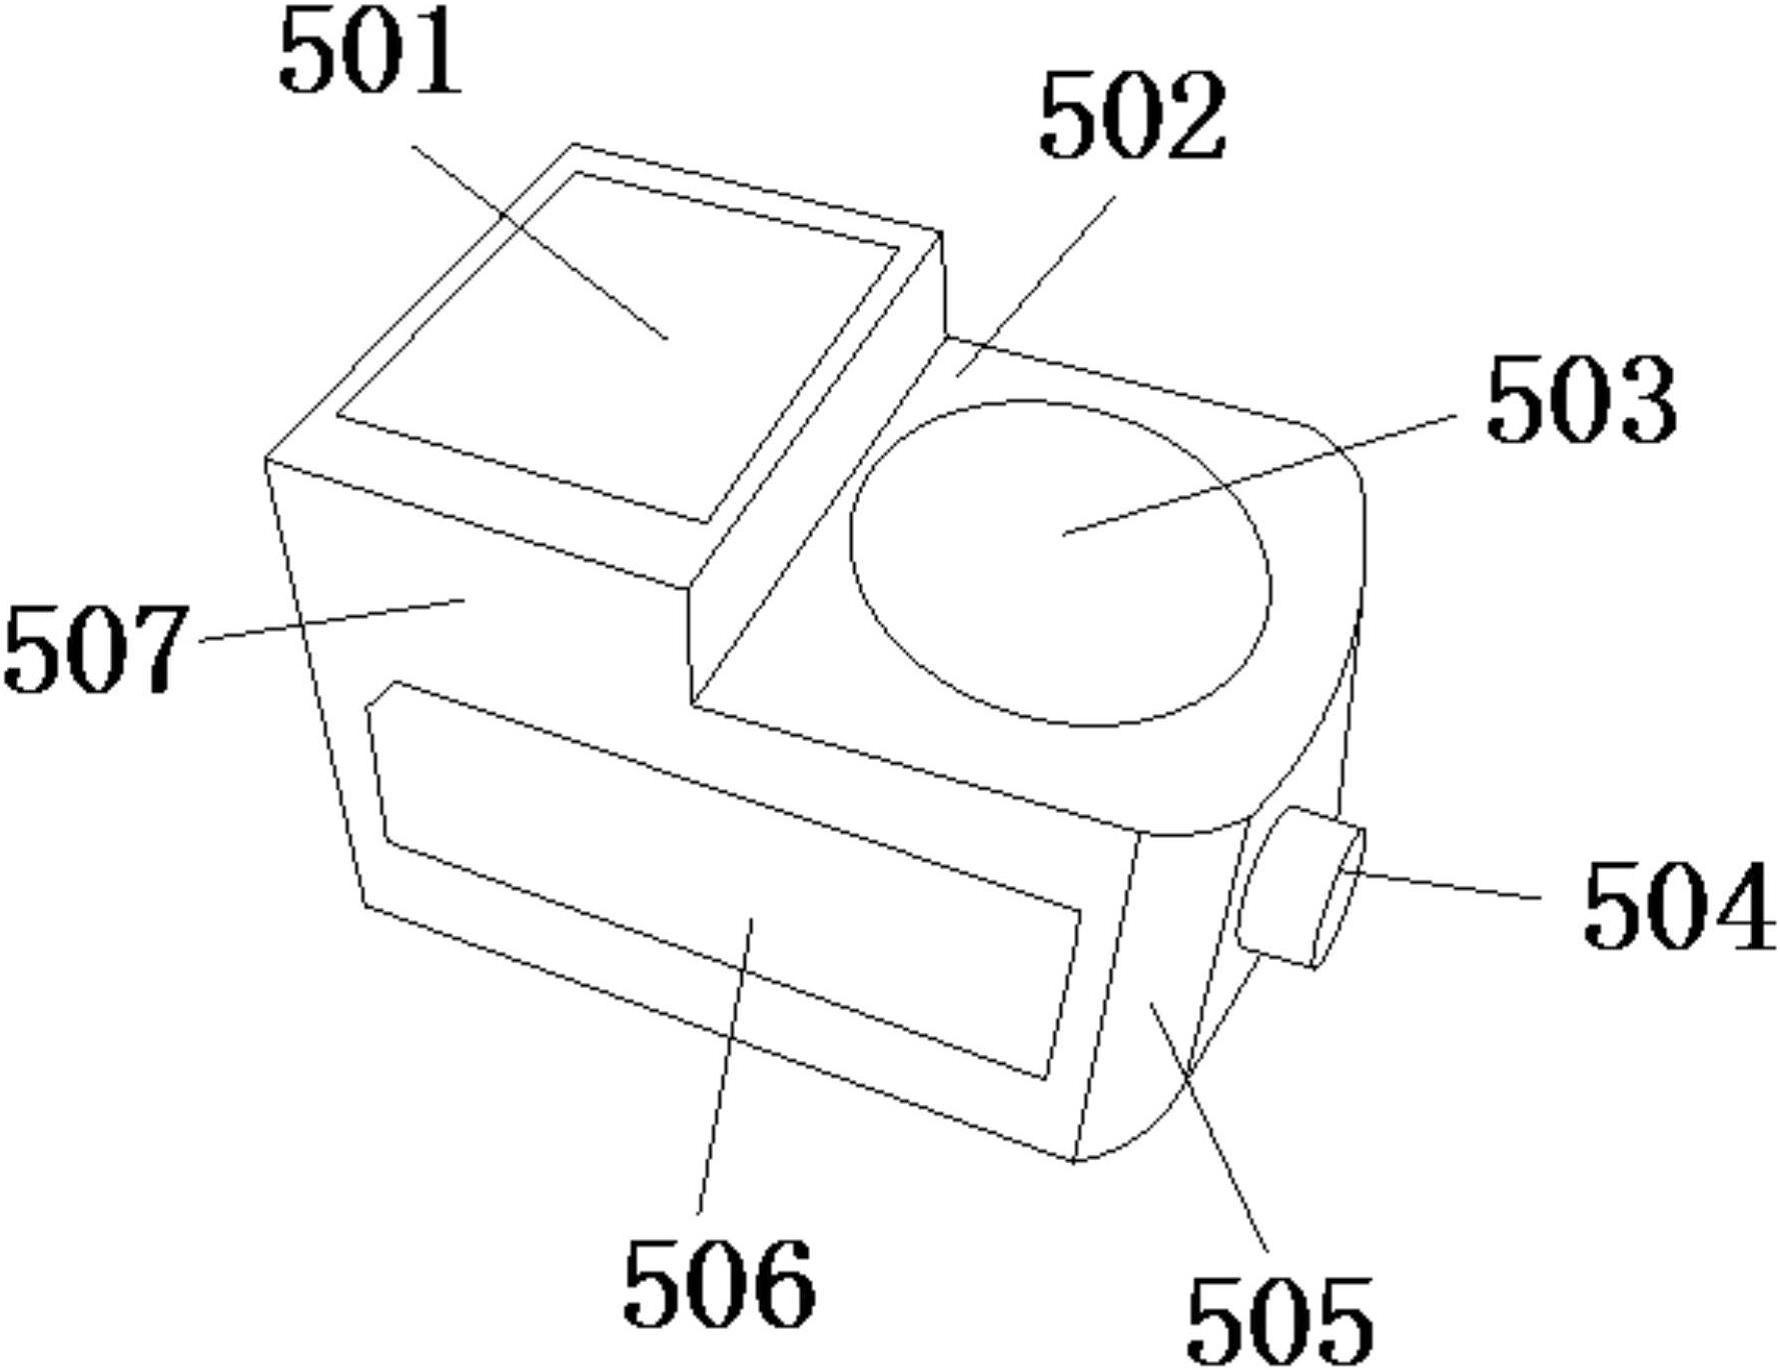 【仪表新专利】一种智能电表、电力收费设备